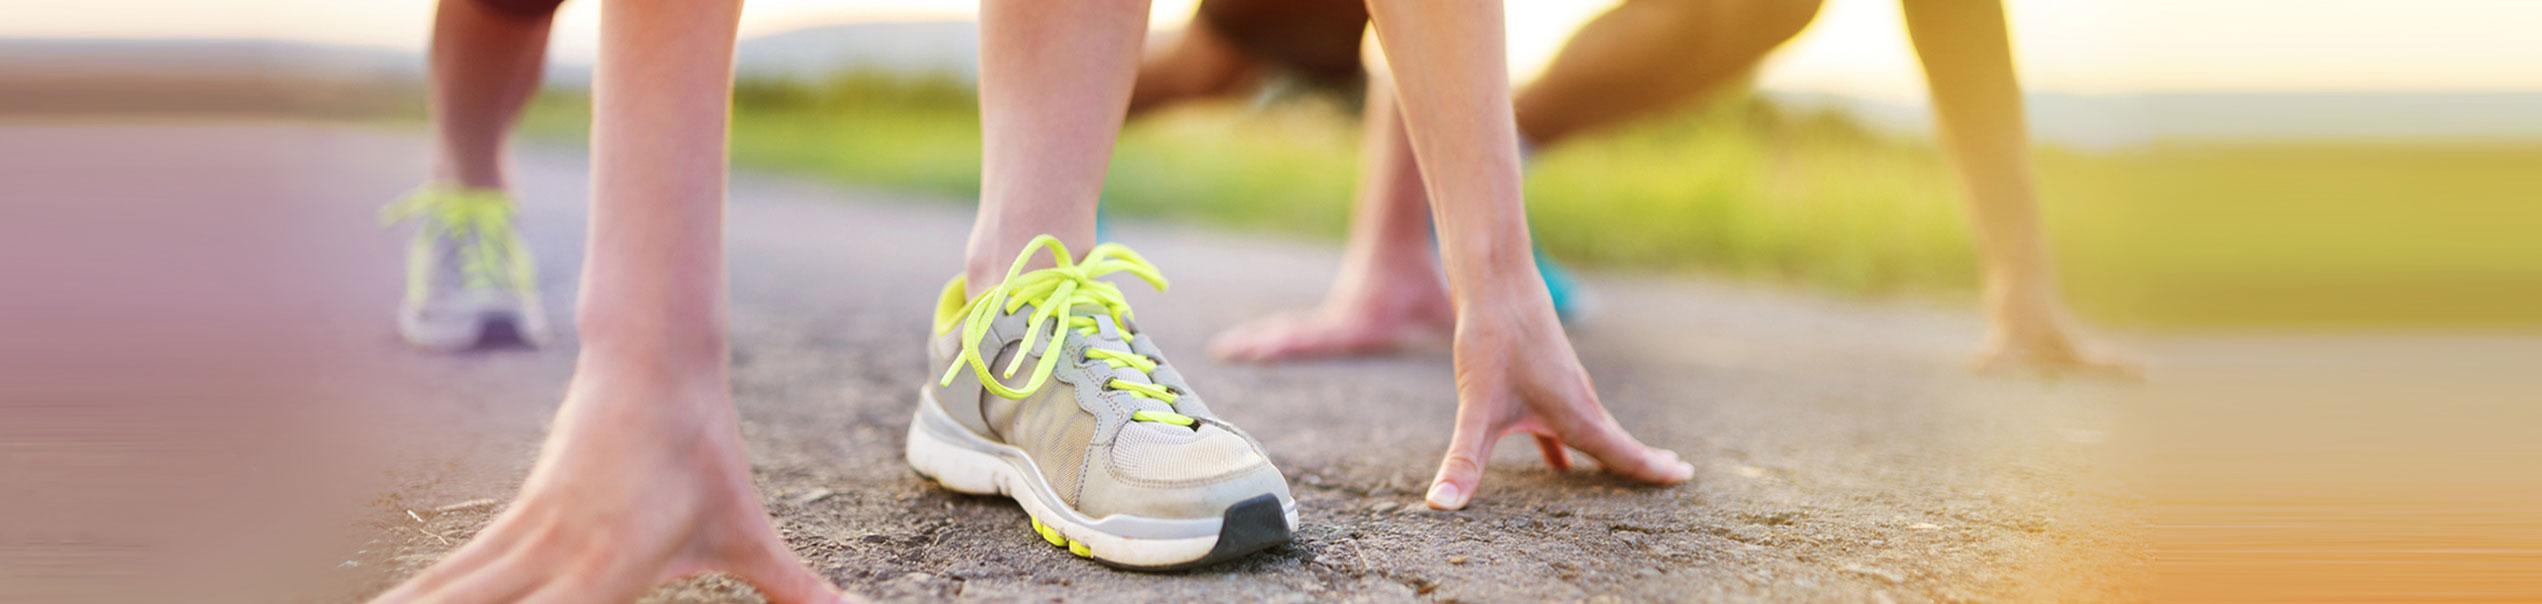 foot-orthotics